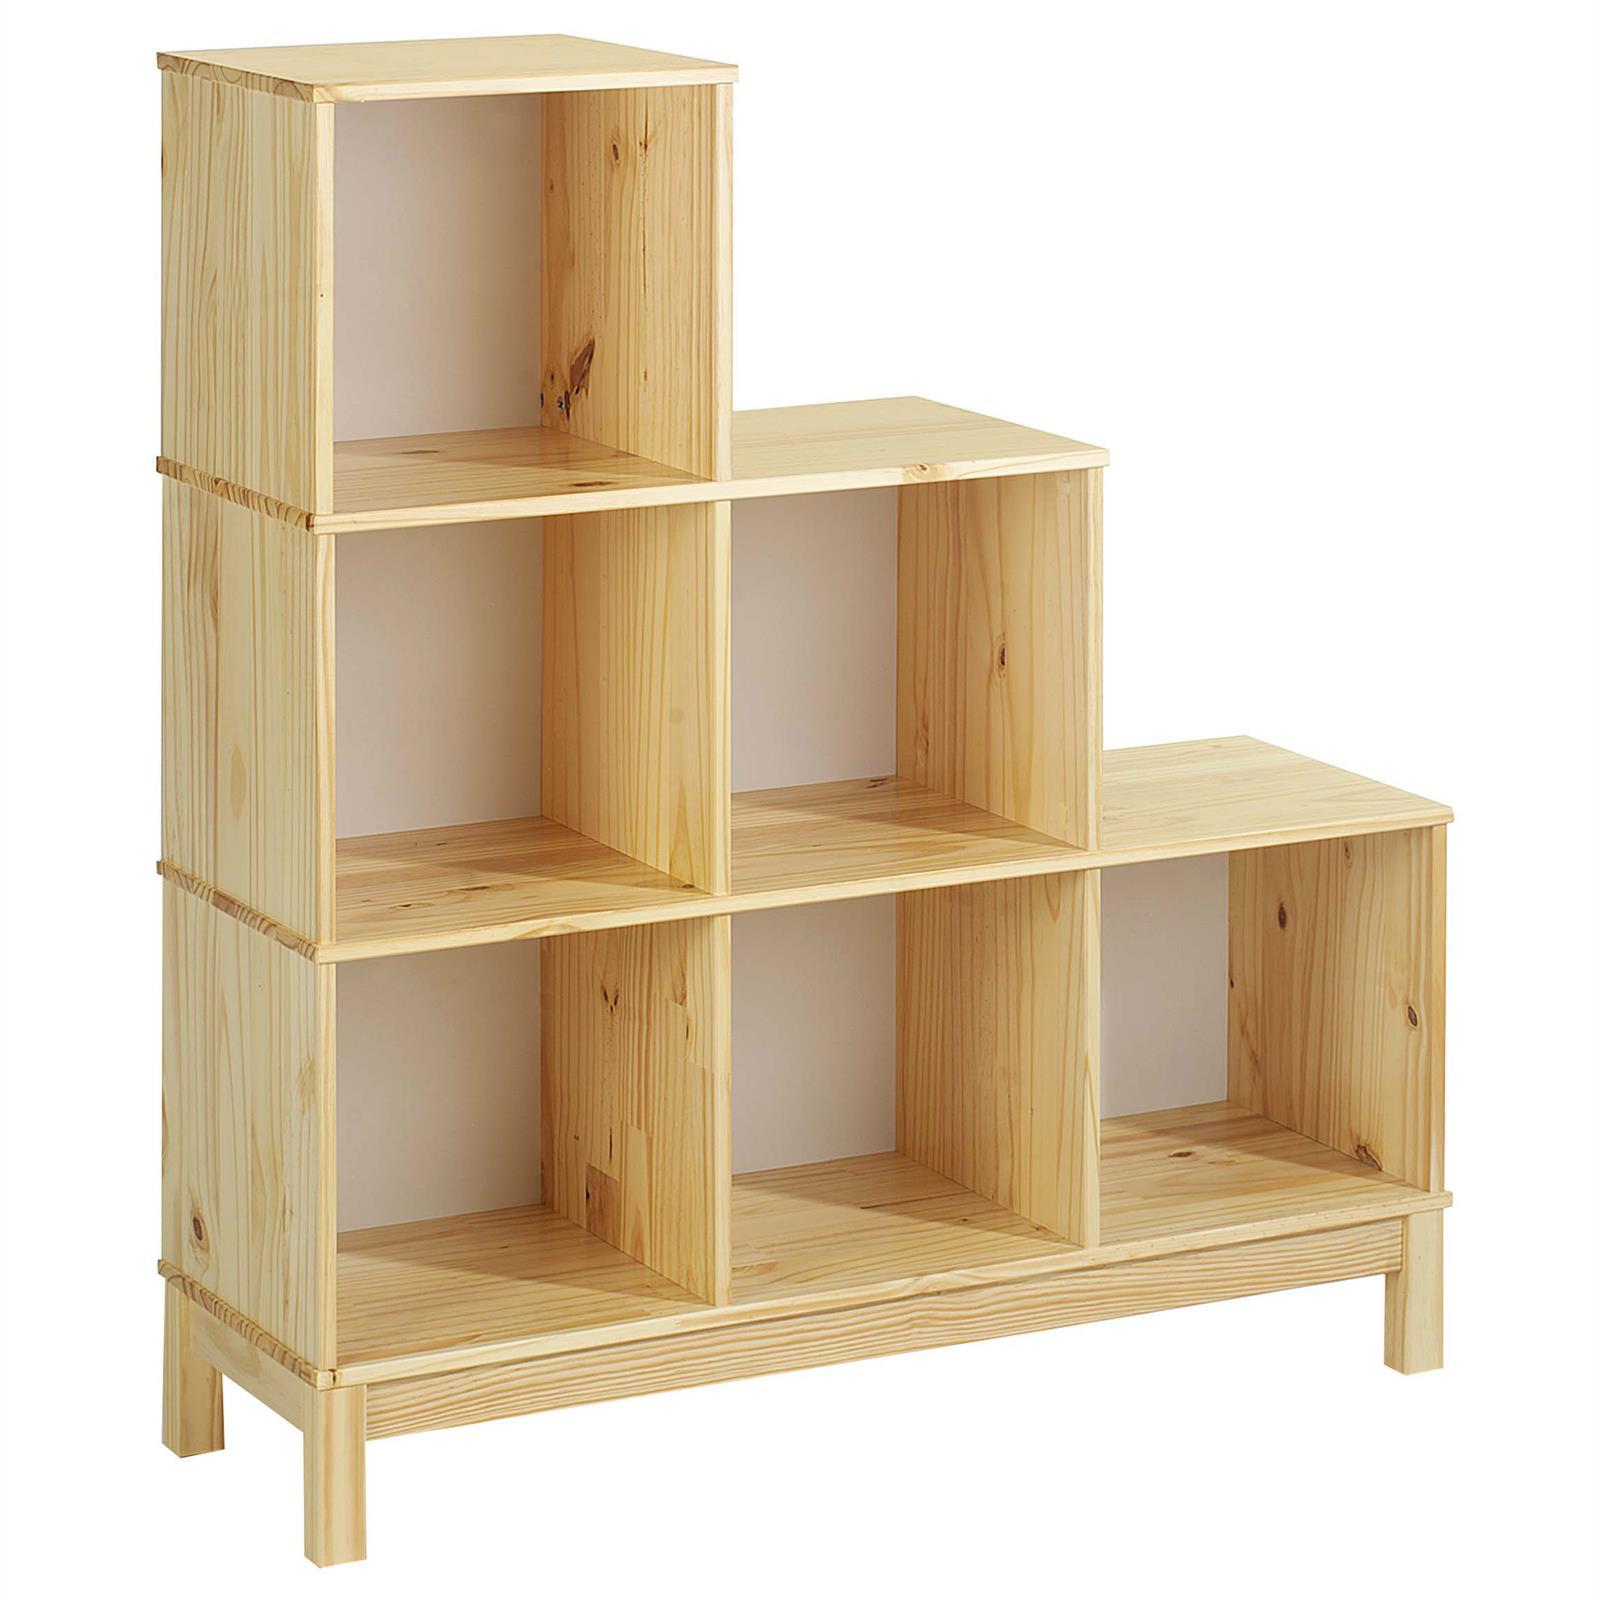 stufenregal regal gestell treppe b cherregal holzregal 6 f cher kiefer massiv ebay. Black Bedroom Furniture Sets. Home Design Ideas